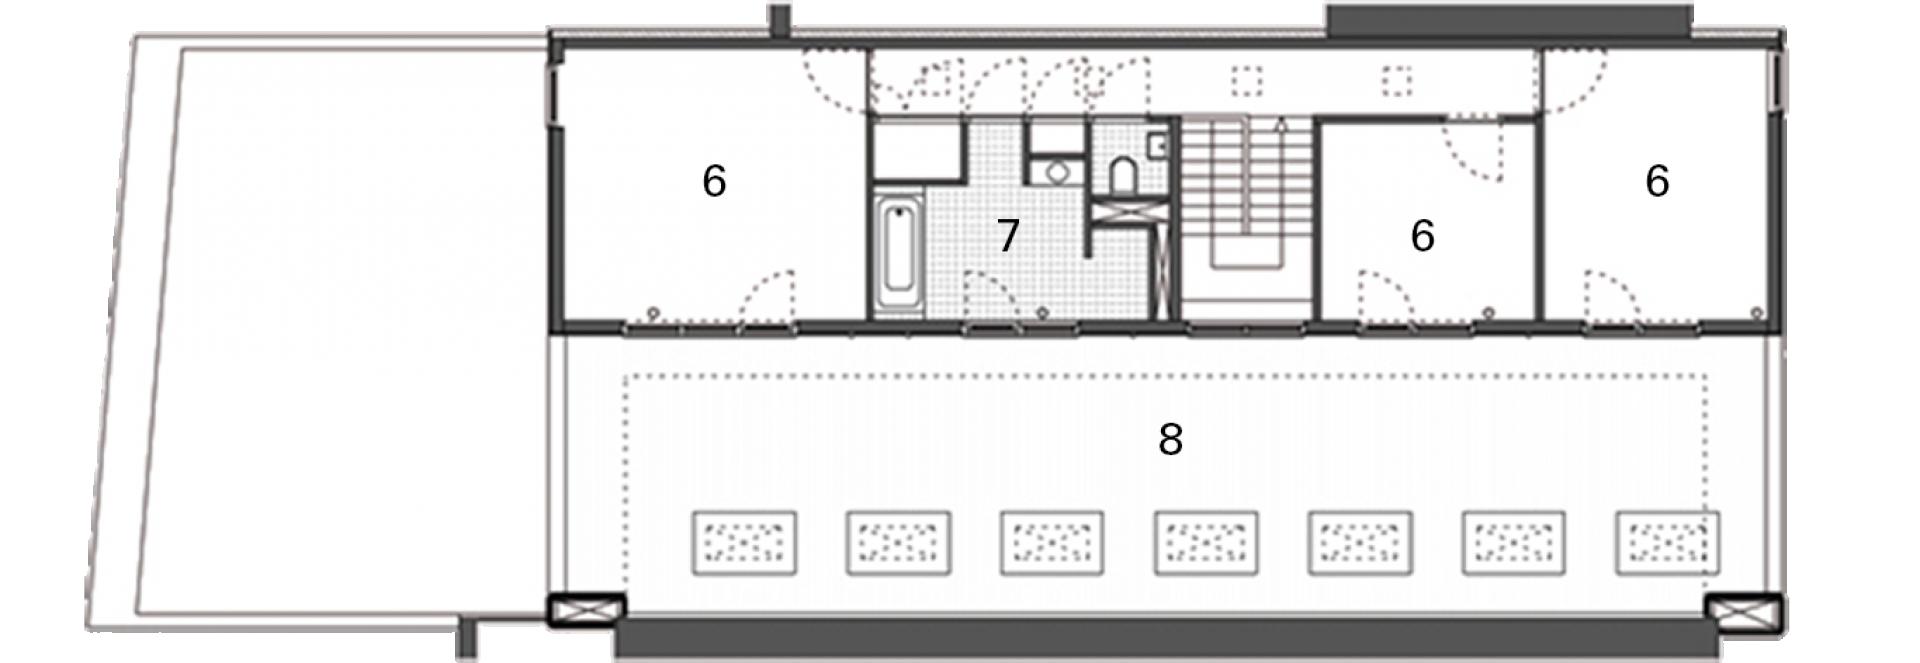 Rieteijland Floorplan 1